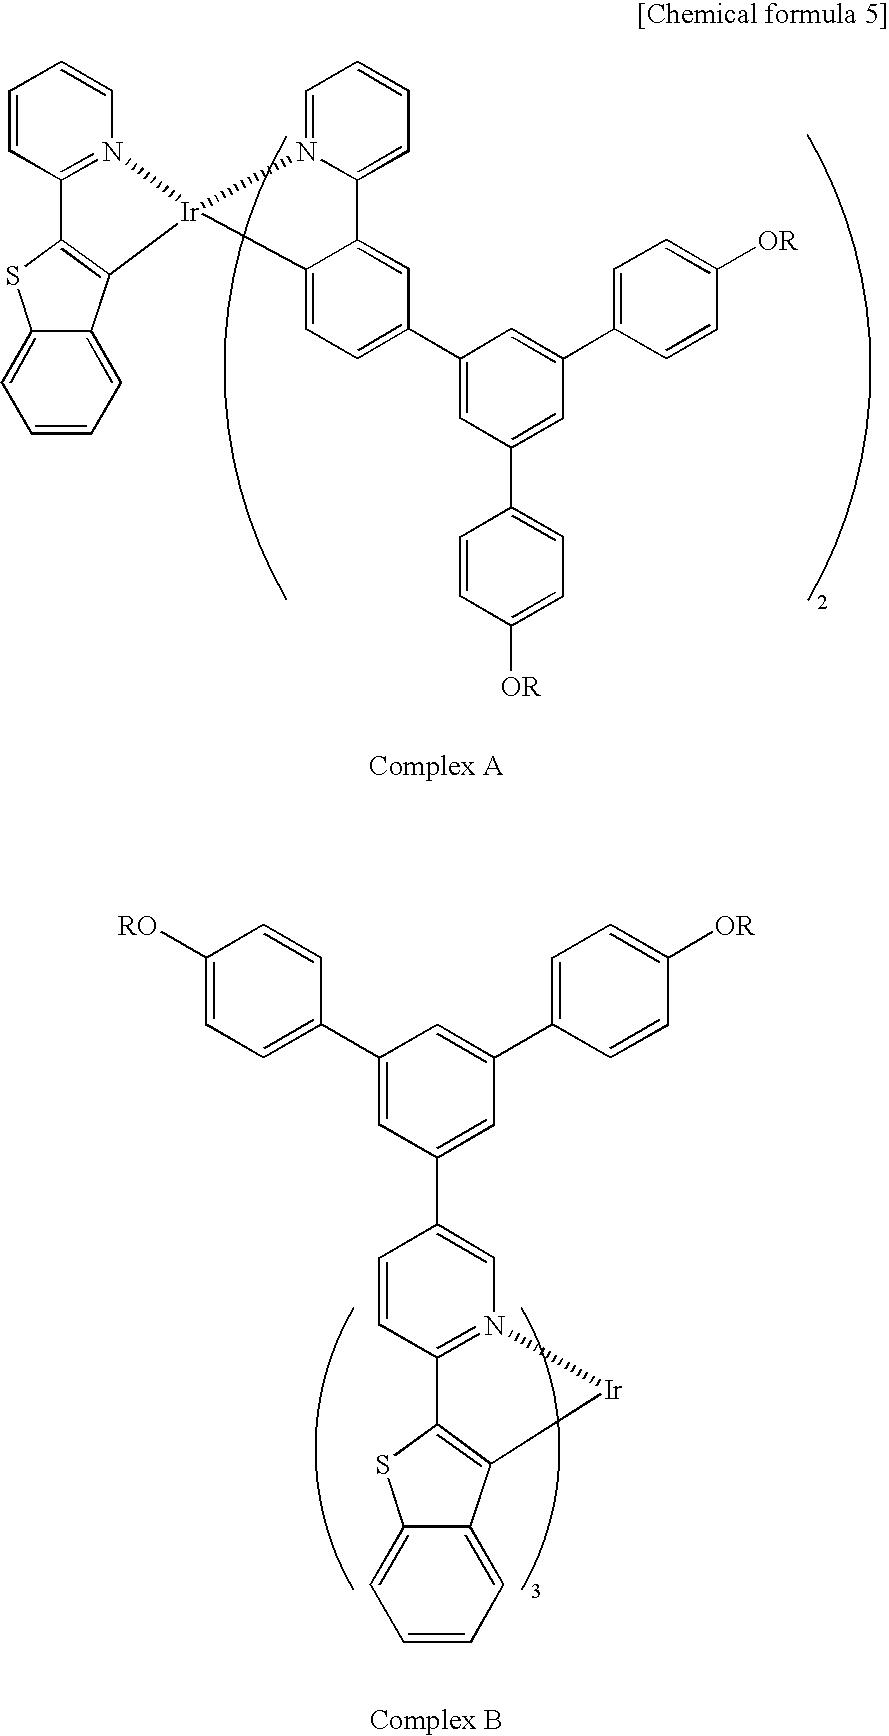 Figure US20070290604A1-20071220-C00005